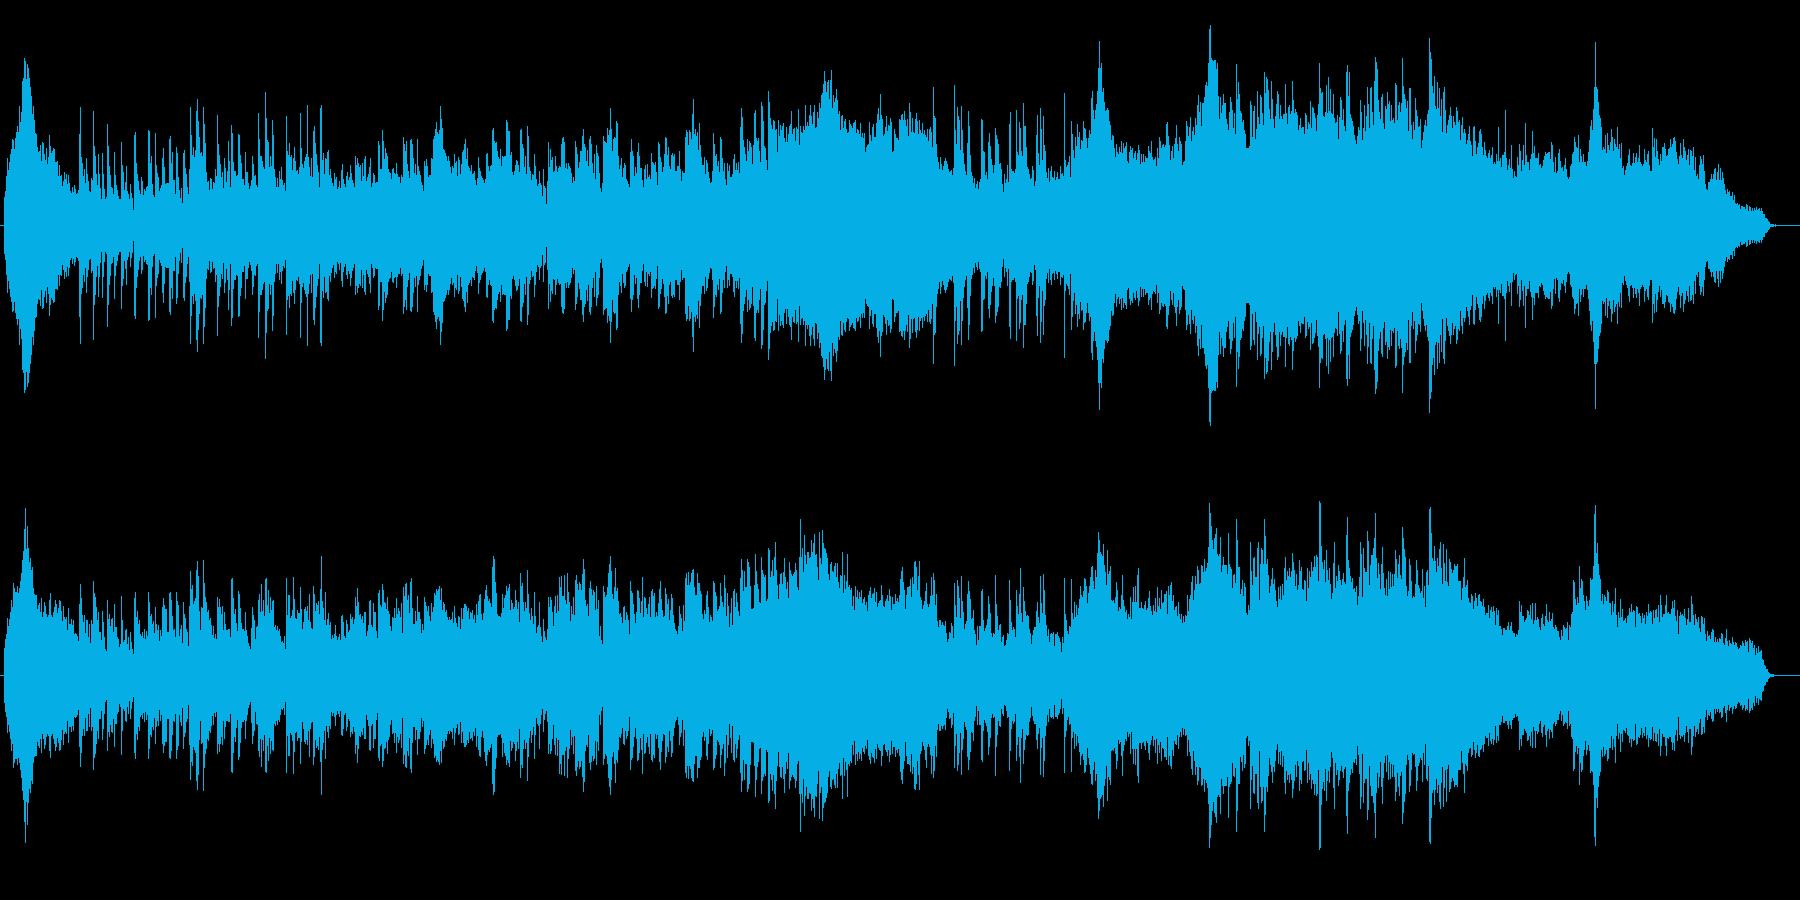 和風 箏(琴)篳篥メインのヒーリング曲の再生済みの波形